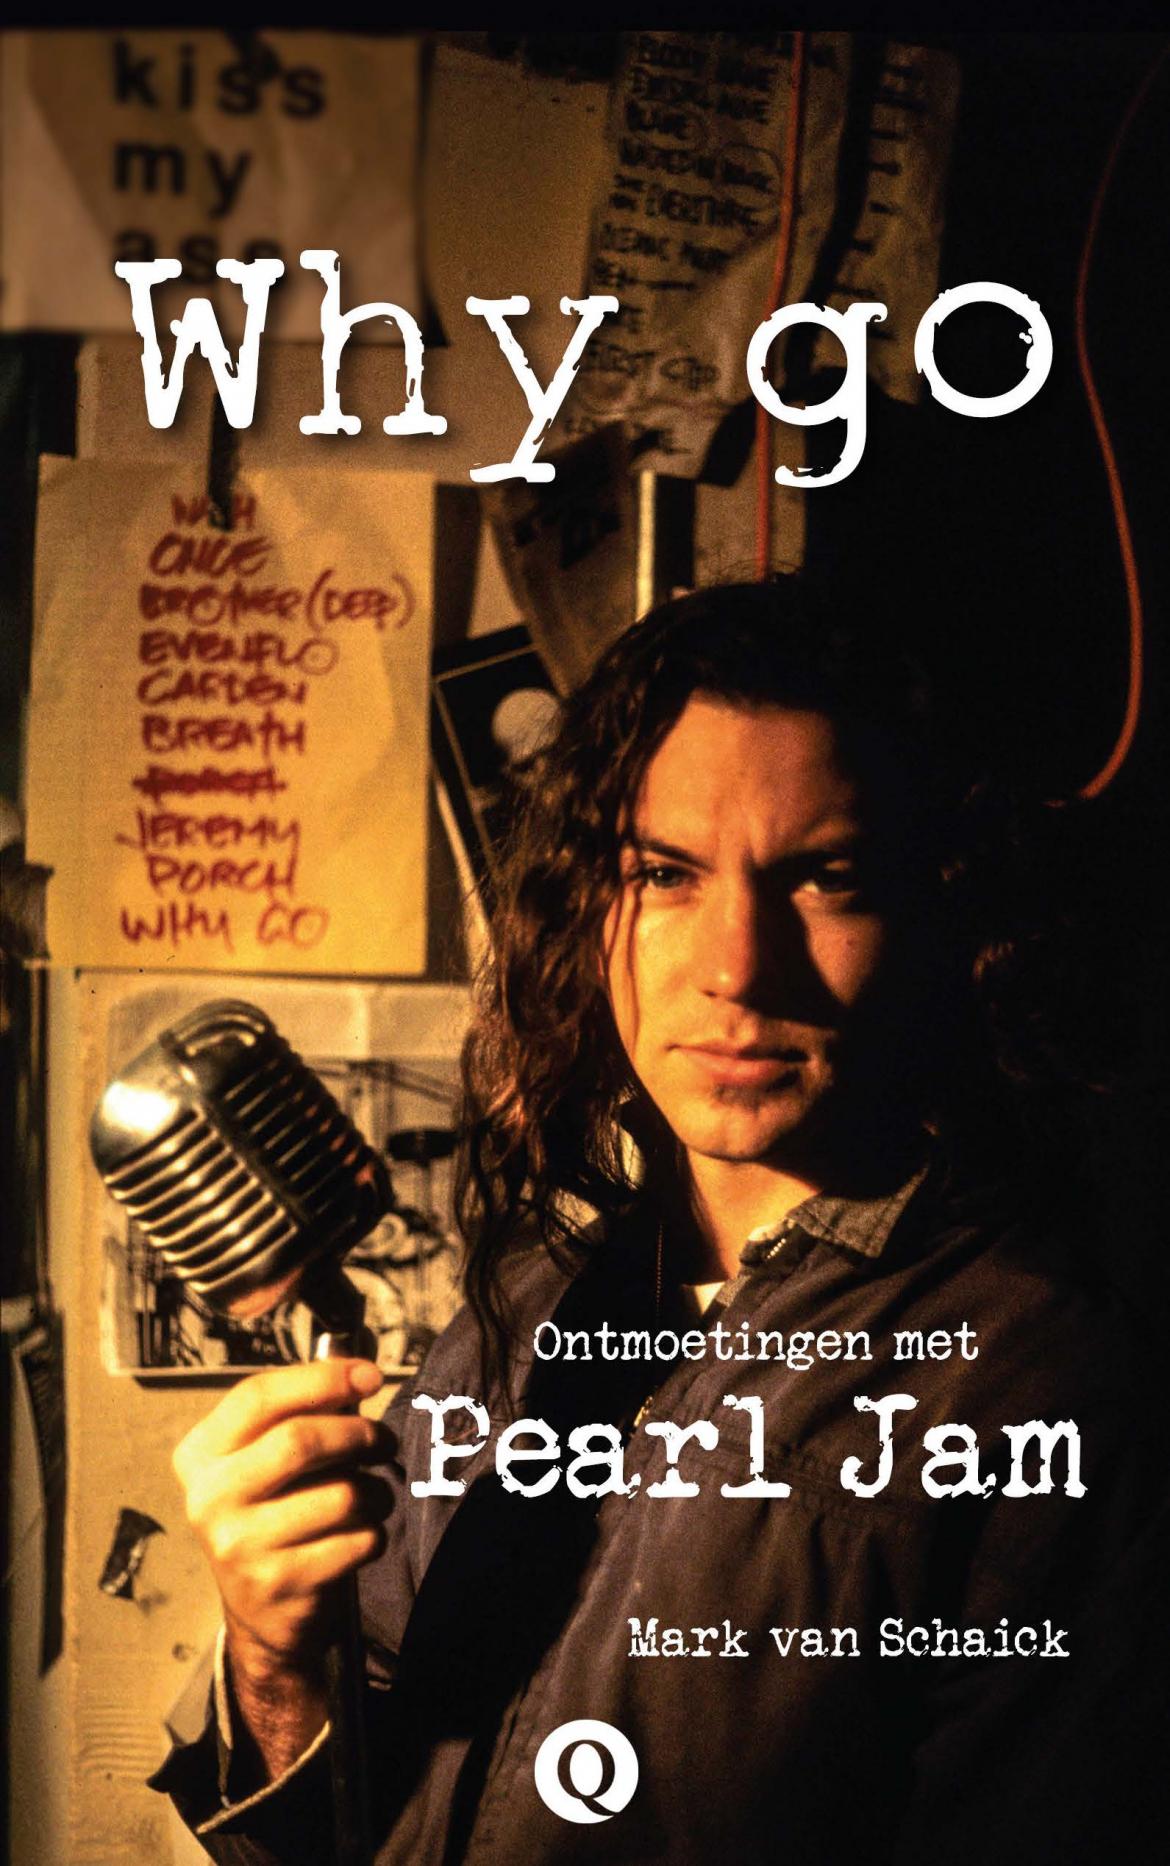 Pearl Jam meneren